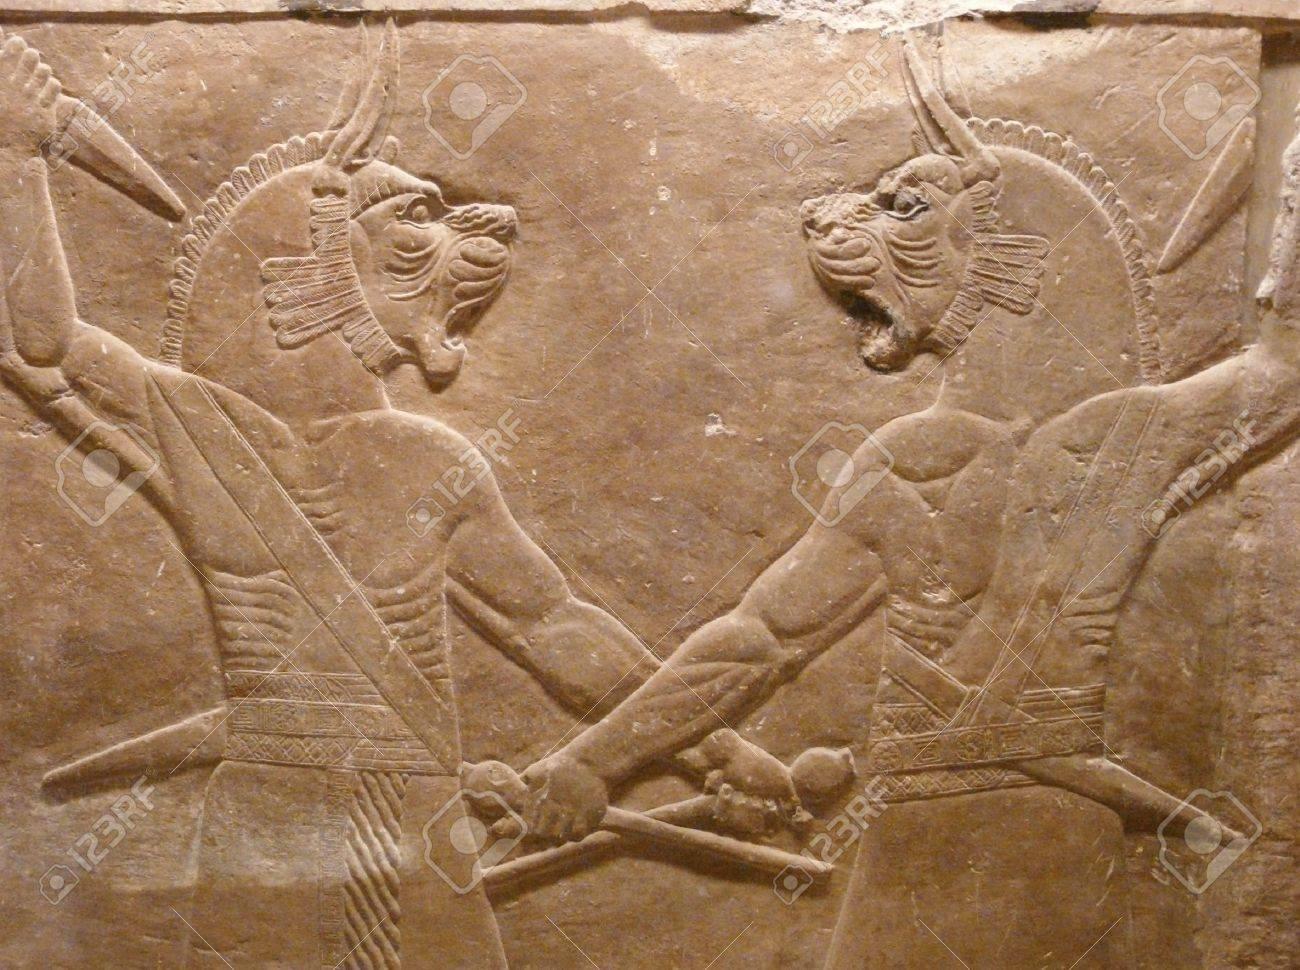 12341697-oude-assyrische-muur-houtsnijwerk-van-de-leeuw-in-het-hoofd-mannen.jpg